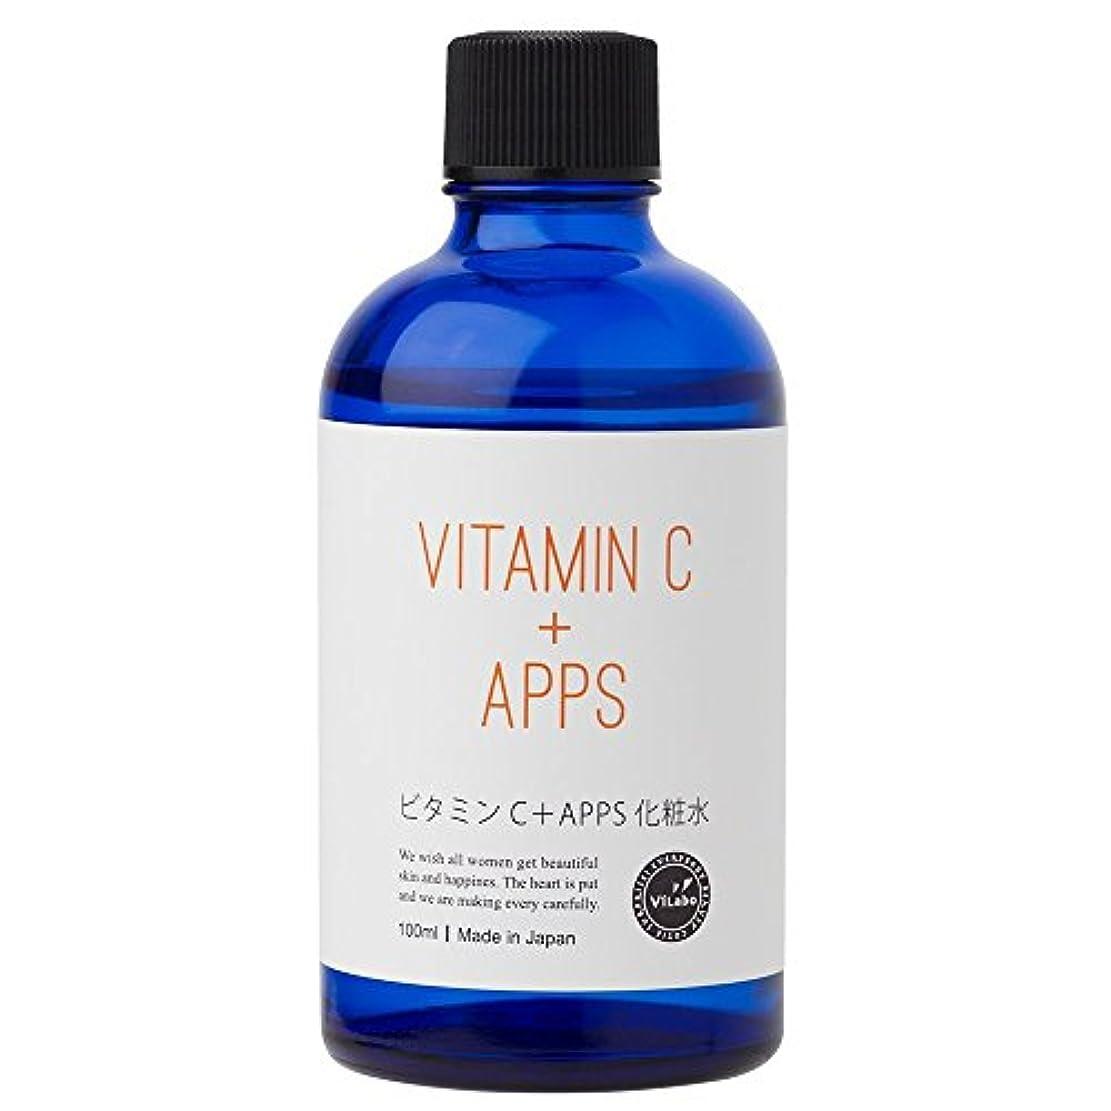 近代化する説明するアークViLabo APPS+天然ビタミンC化粧水 (ハッピーローションV)100ml 通常ボトル ビラボ